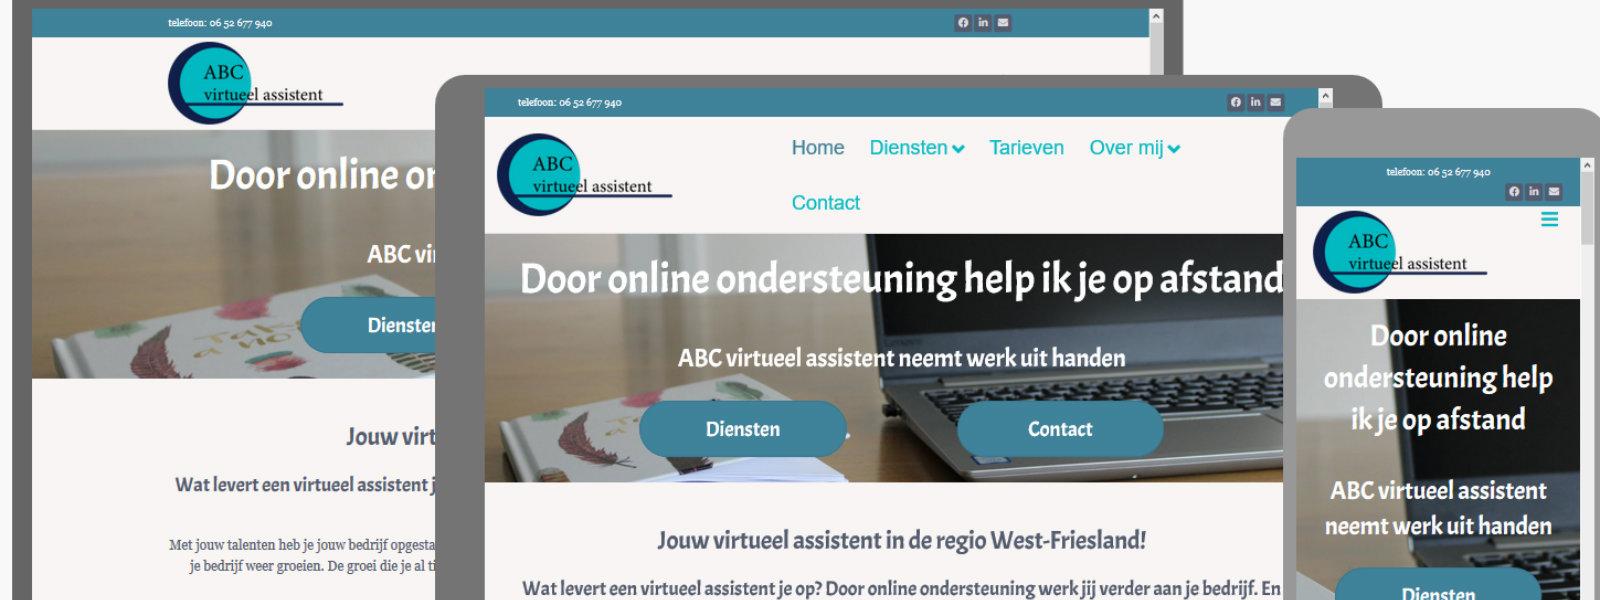 website 1600x600